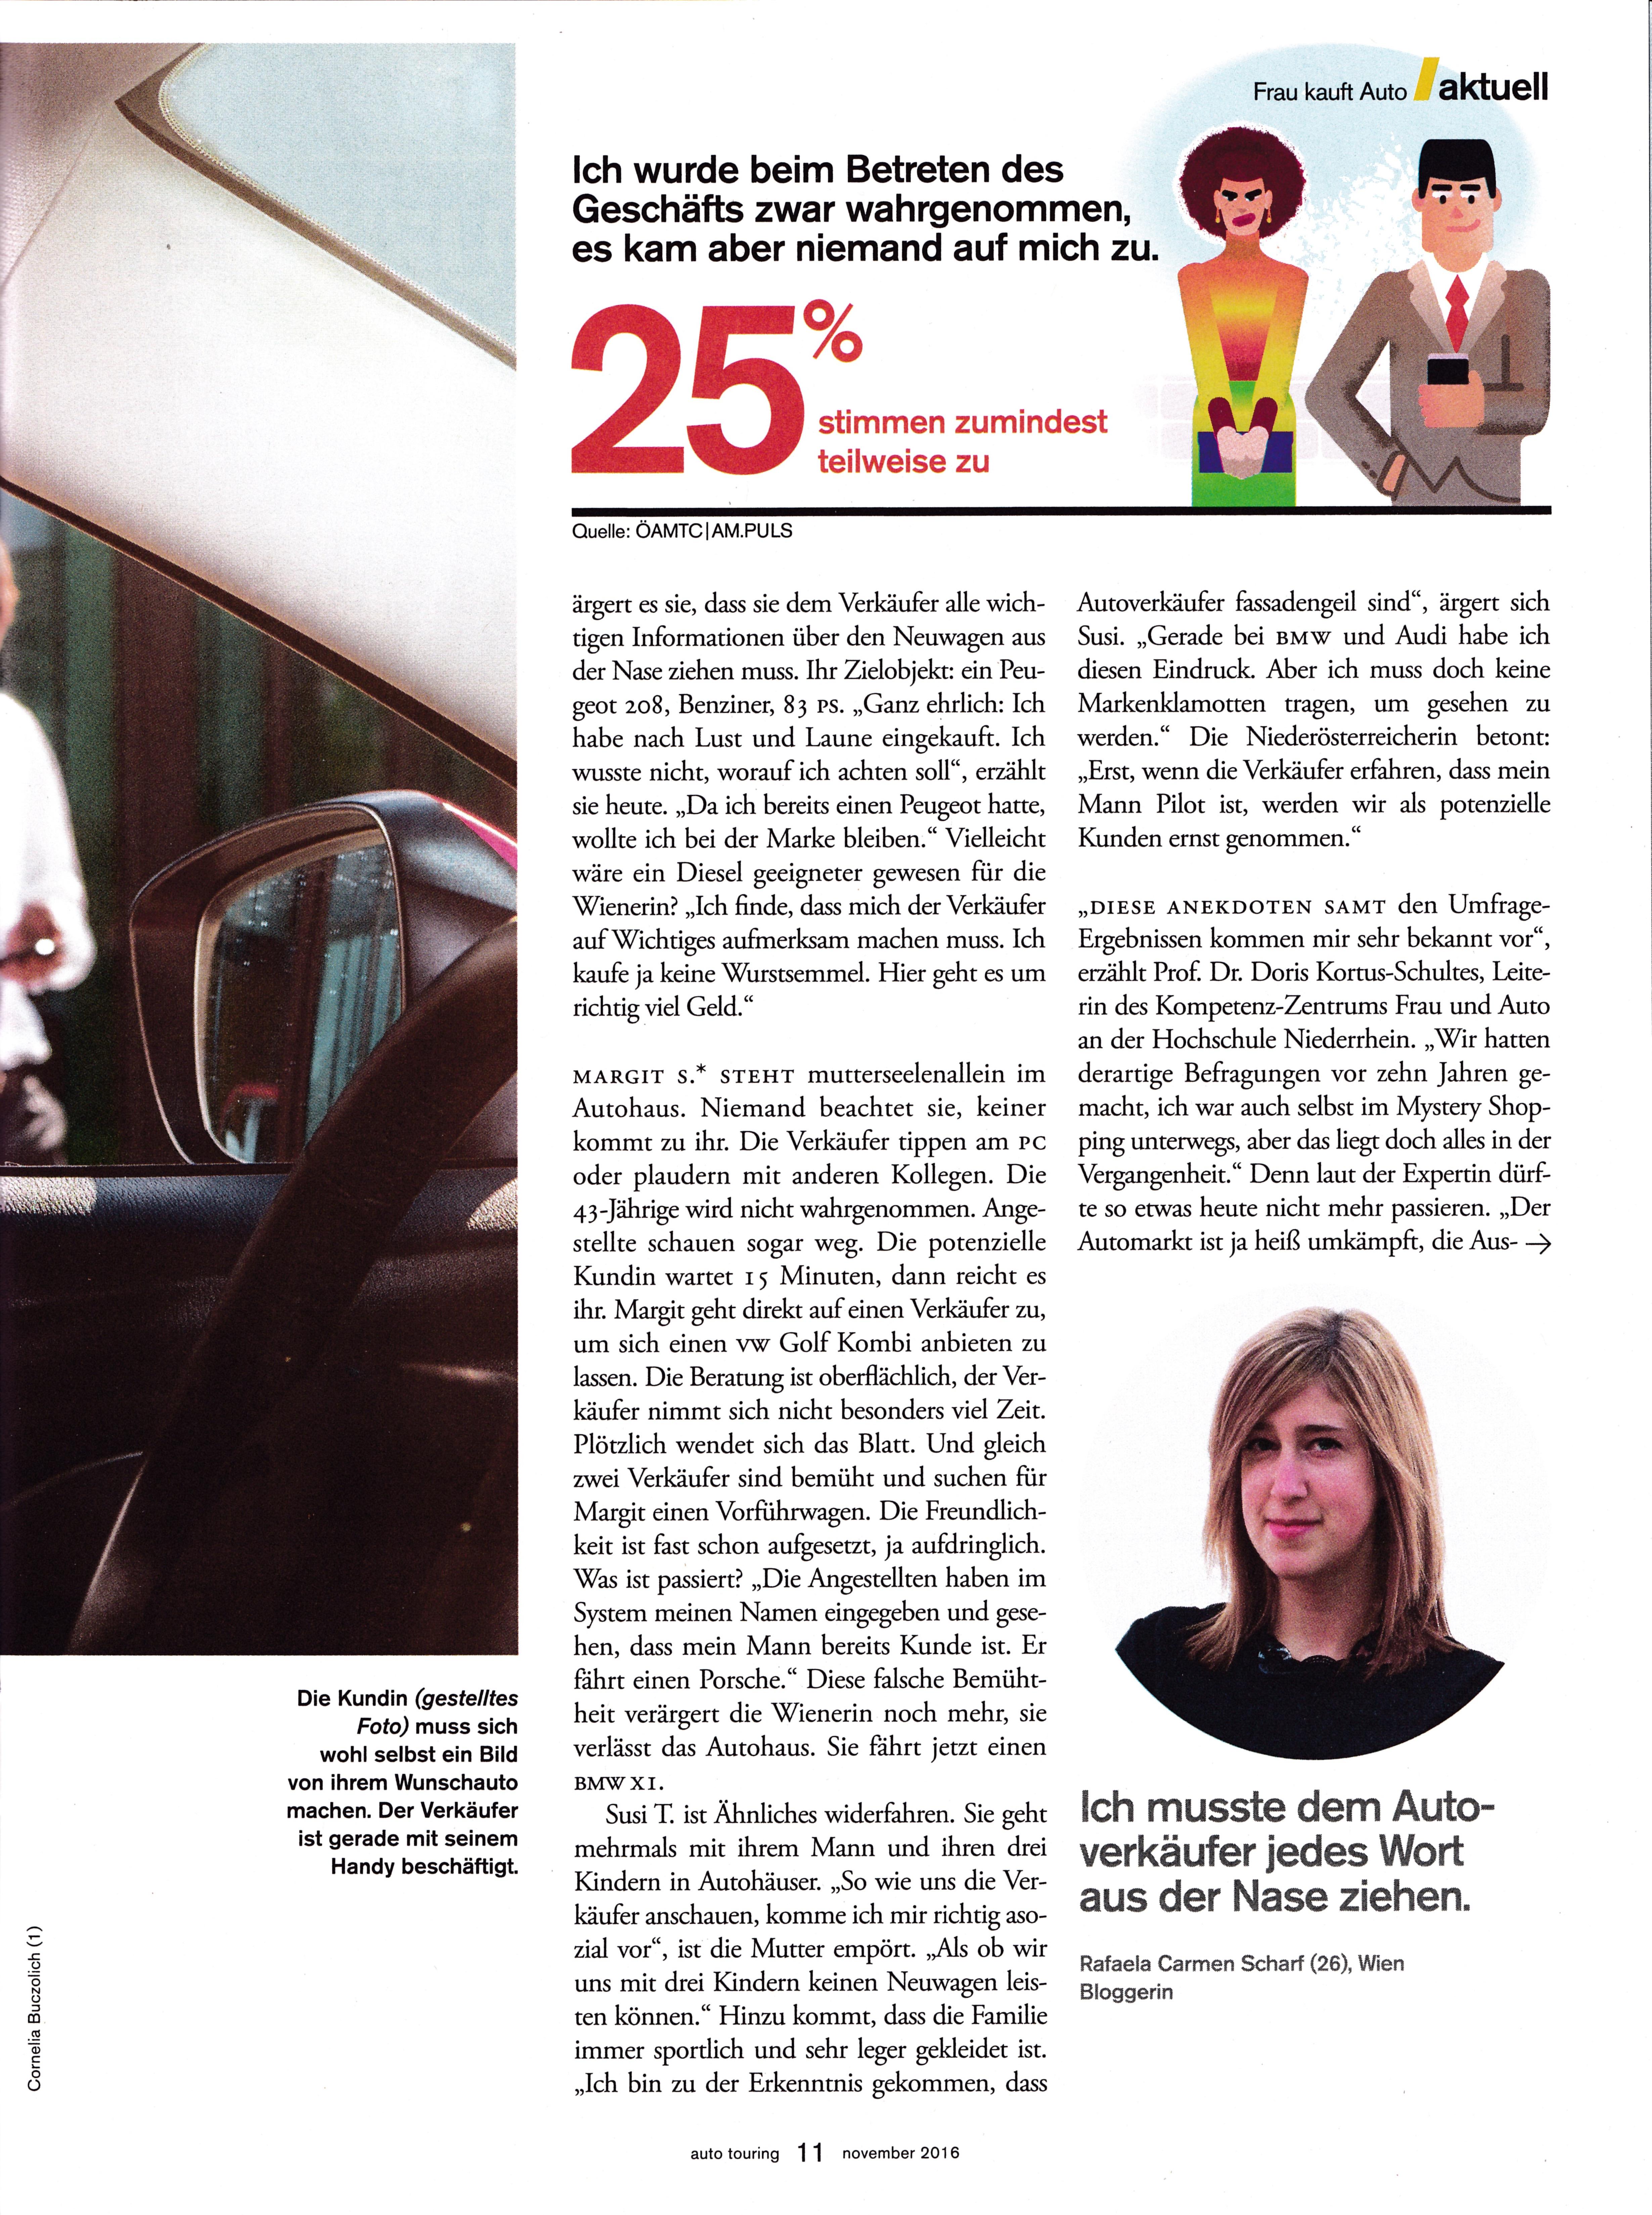 auto touring - november 2016 Seite 2 - Roman Kmenta - Speaker und Autor